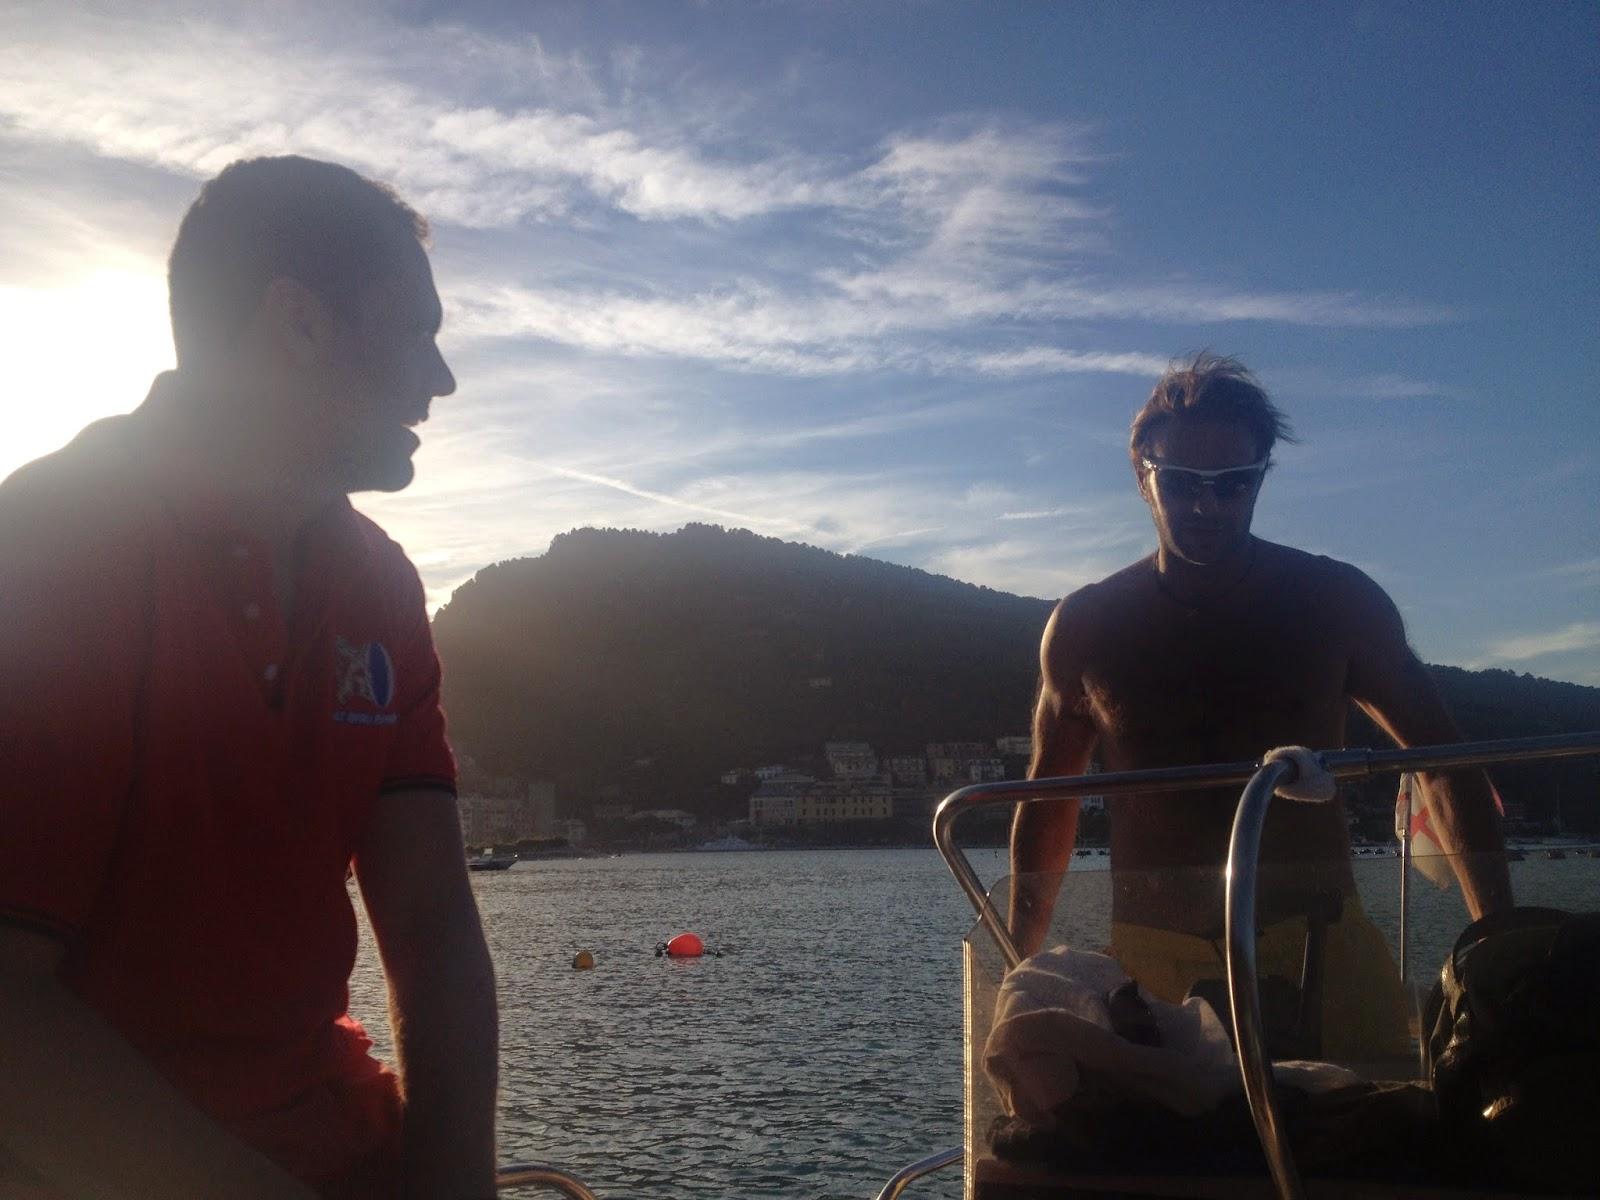 un tranquillo week end di mare... a portovenere